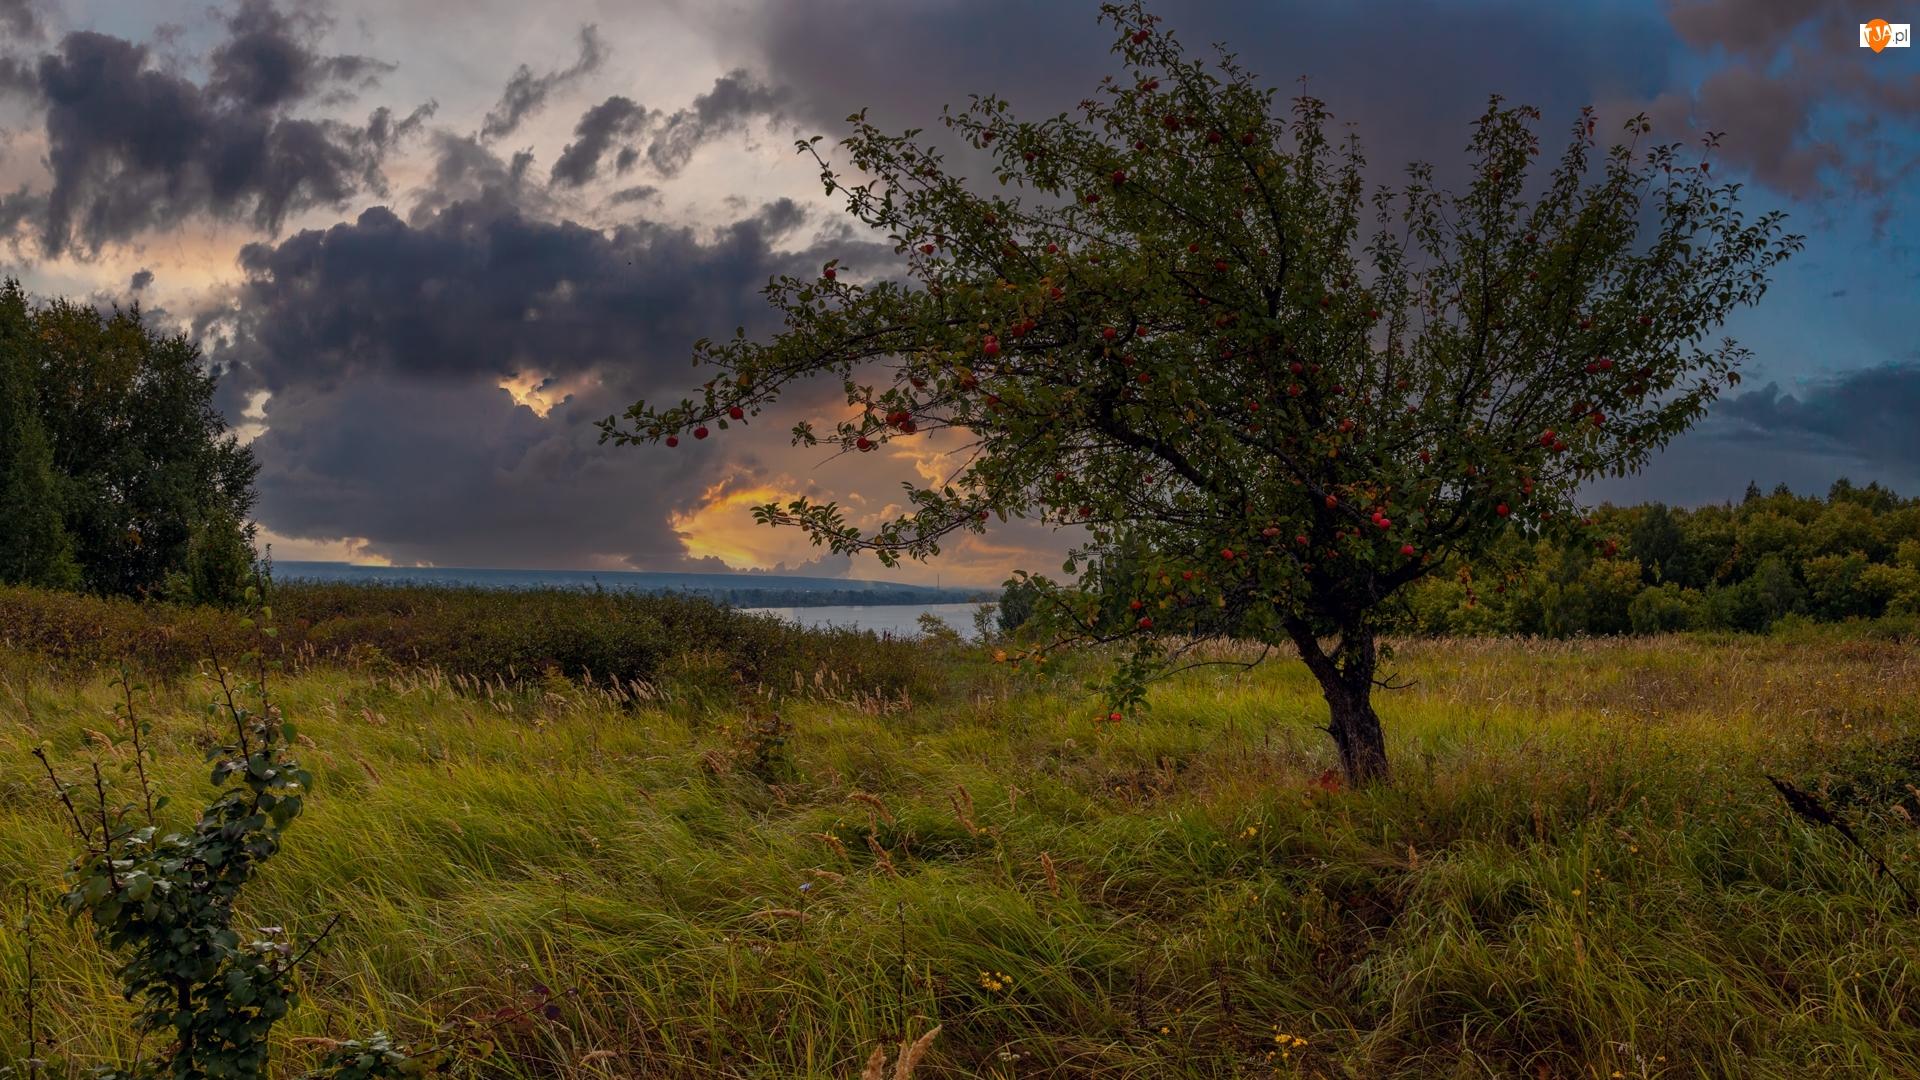 Jabłoń, Drzewo owocowe, Trawa, Jezioro, Łąka, Chmury